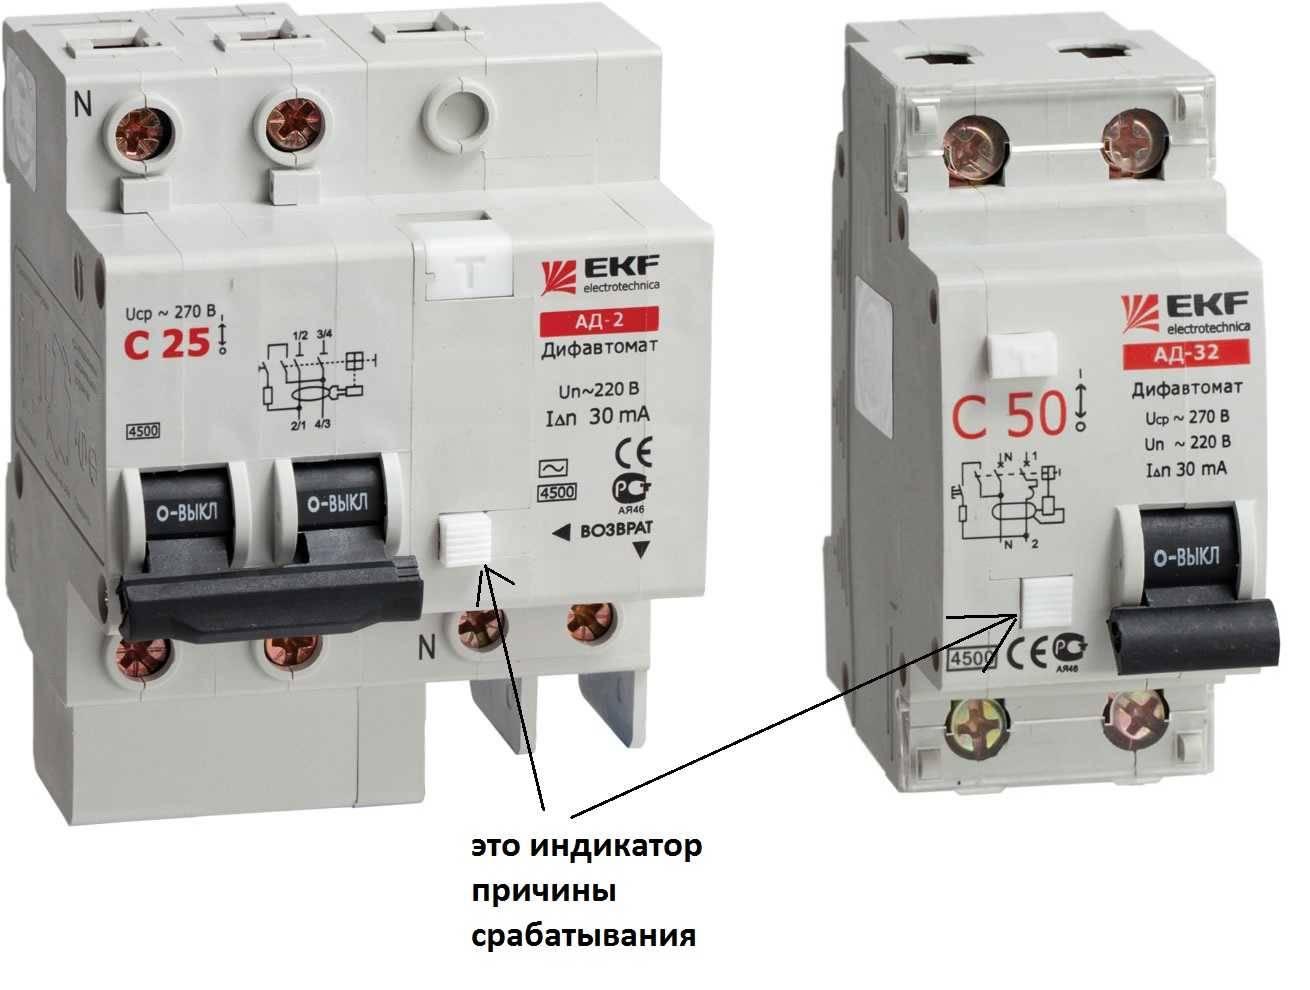 Как подключить дифференциальный автомат: схемы подключения - точка j